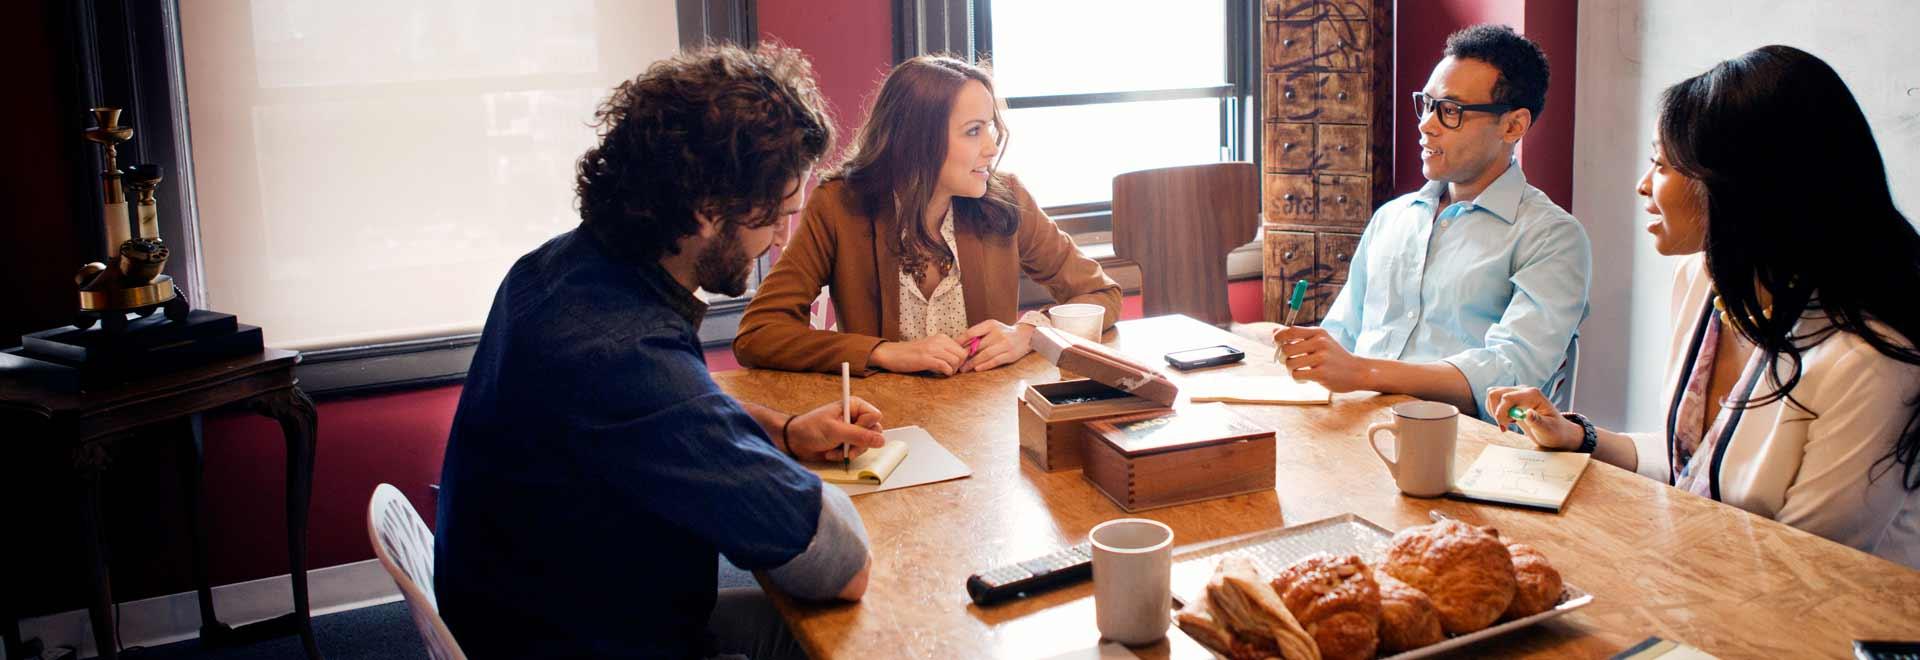 Fire personer som arbeider med Office 365 Enterprise E3 på et kontor.